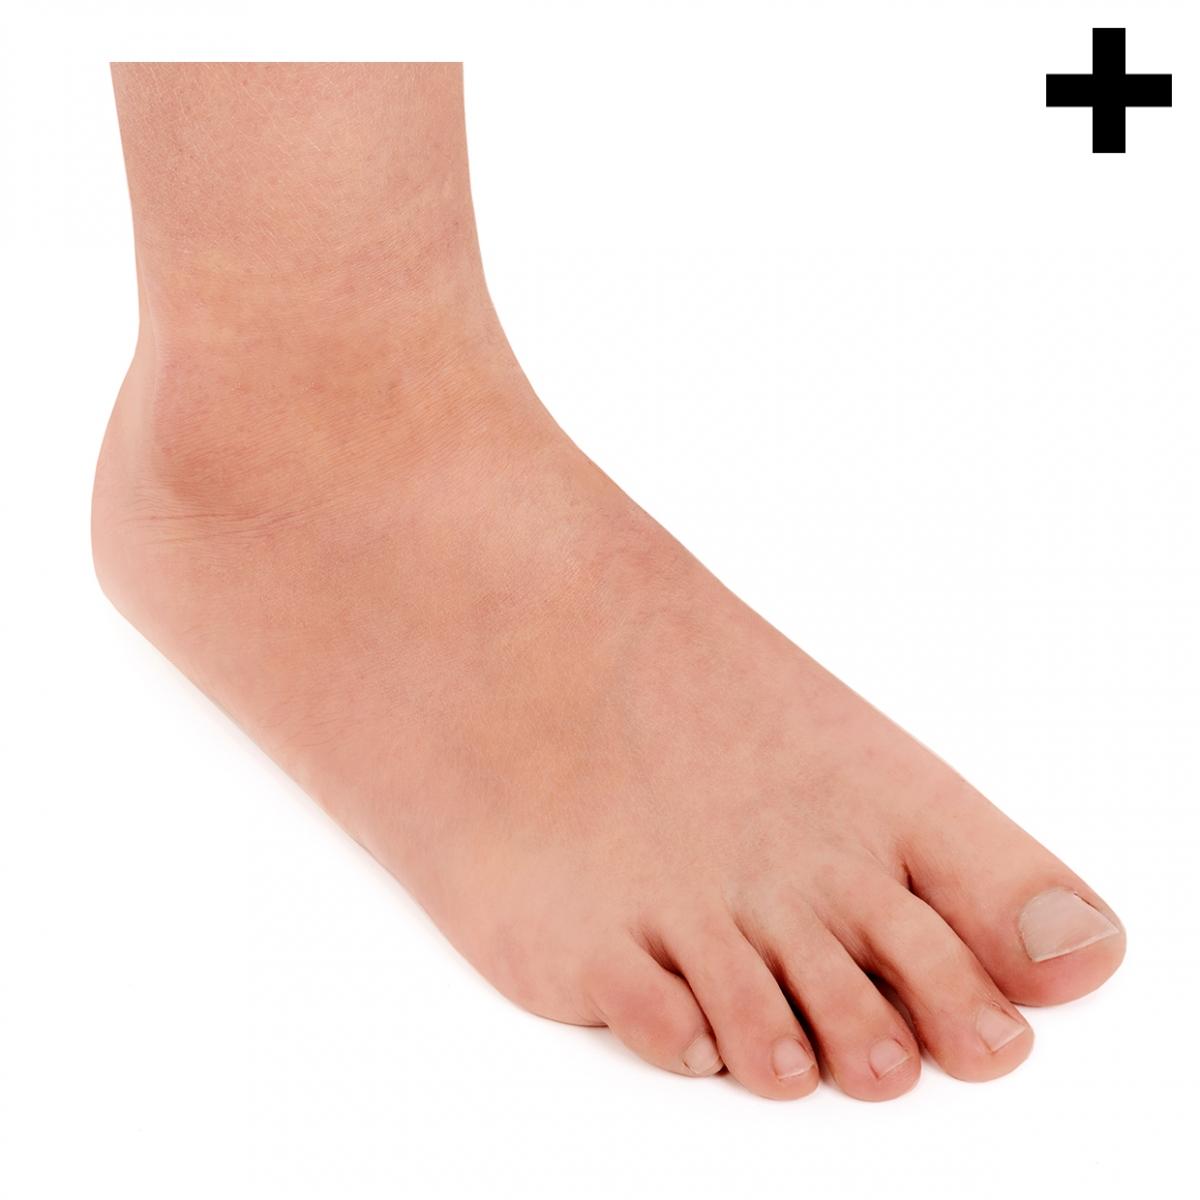 Imagen en la que se ve el plural del concepto pie